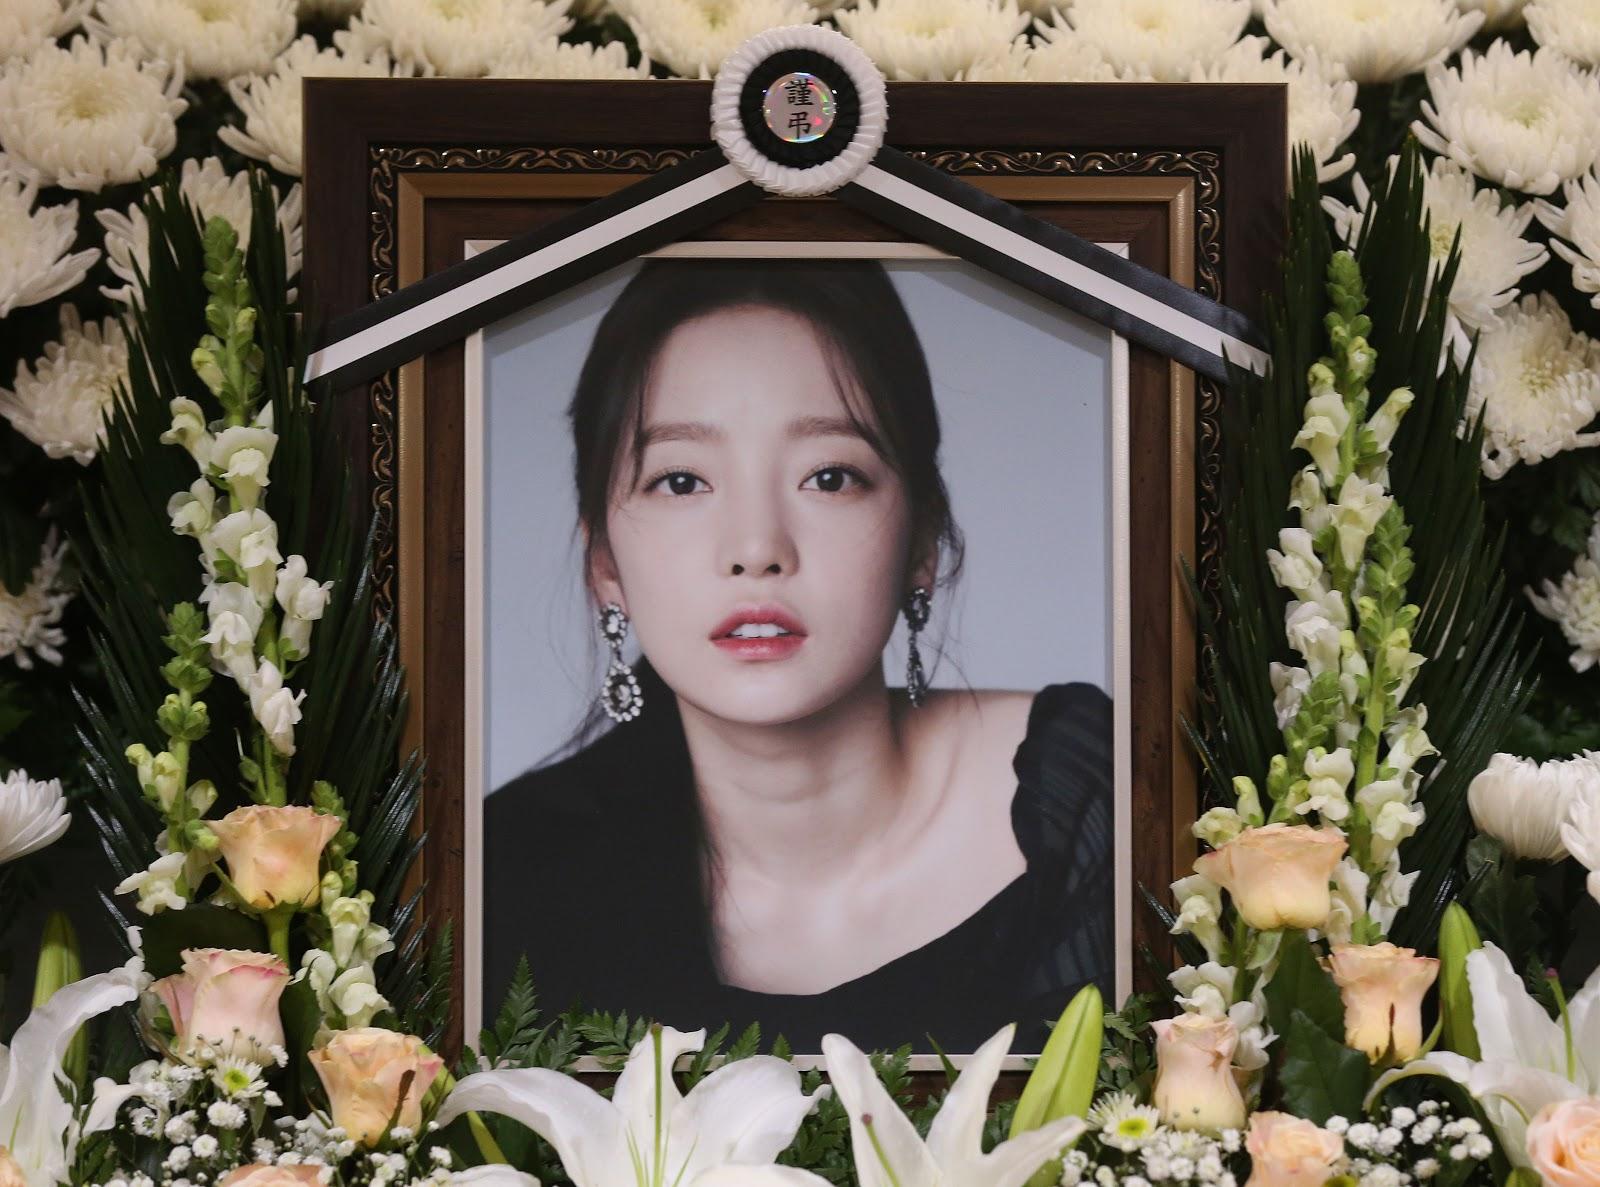 goo hara jung joon young 1